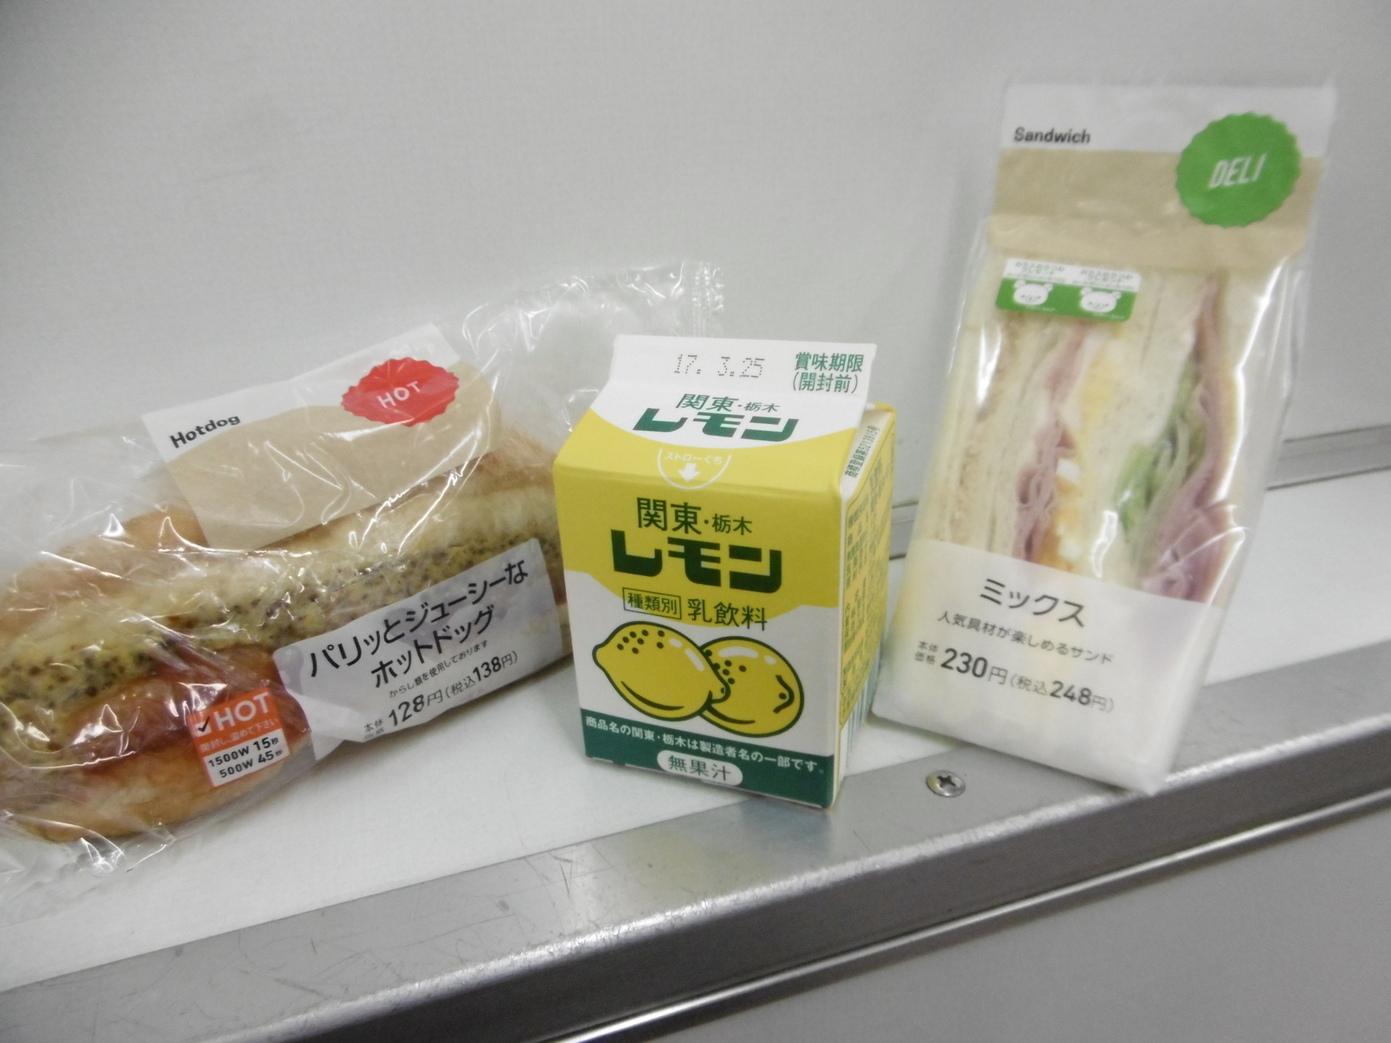 ローソン 宇都宮駅西口店 name=